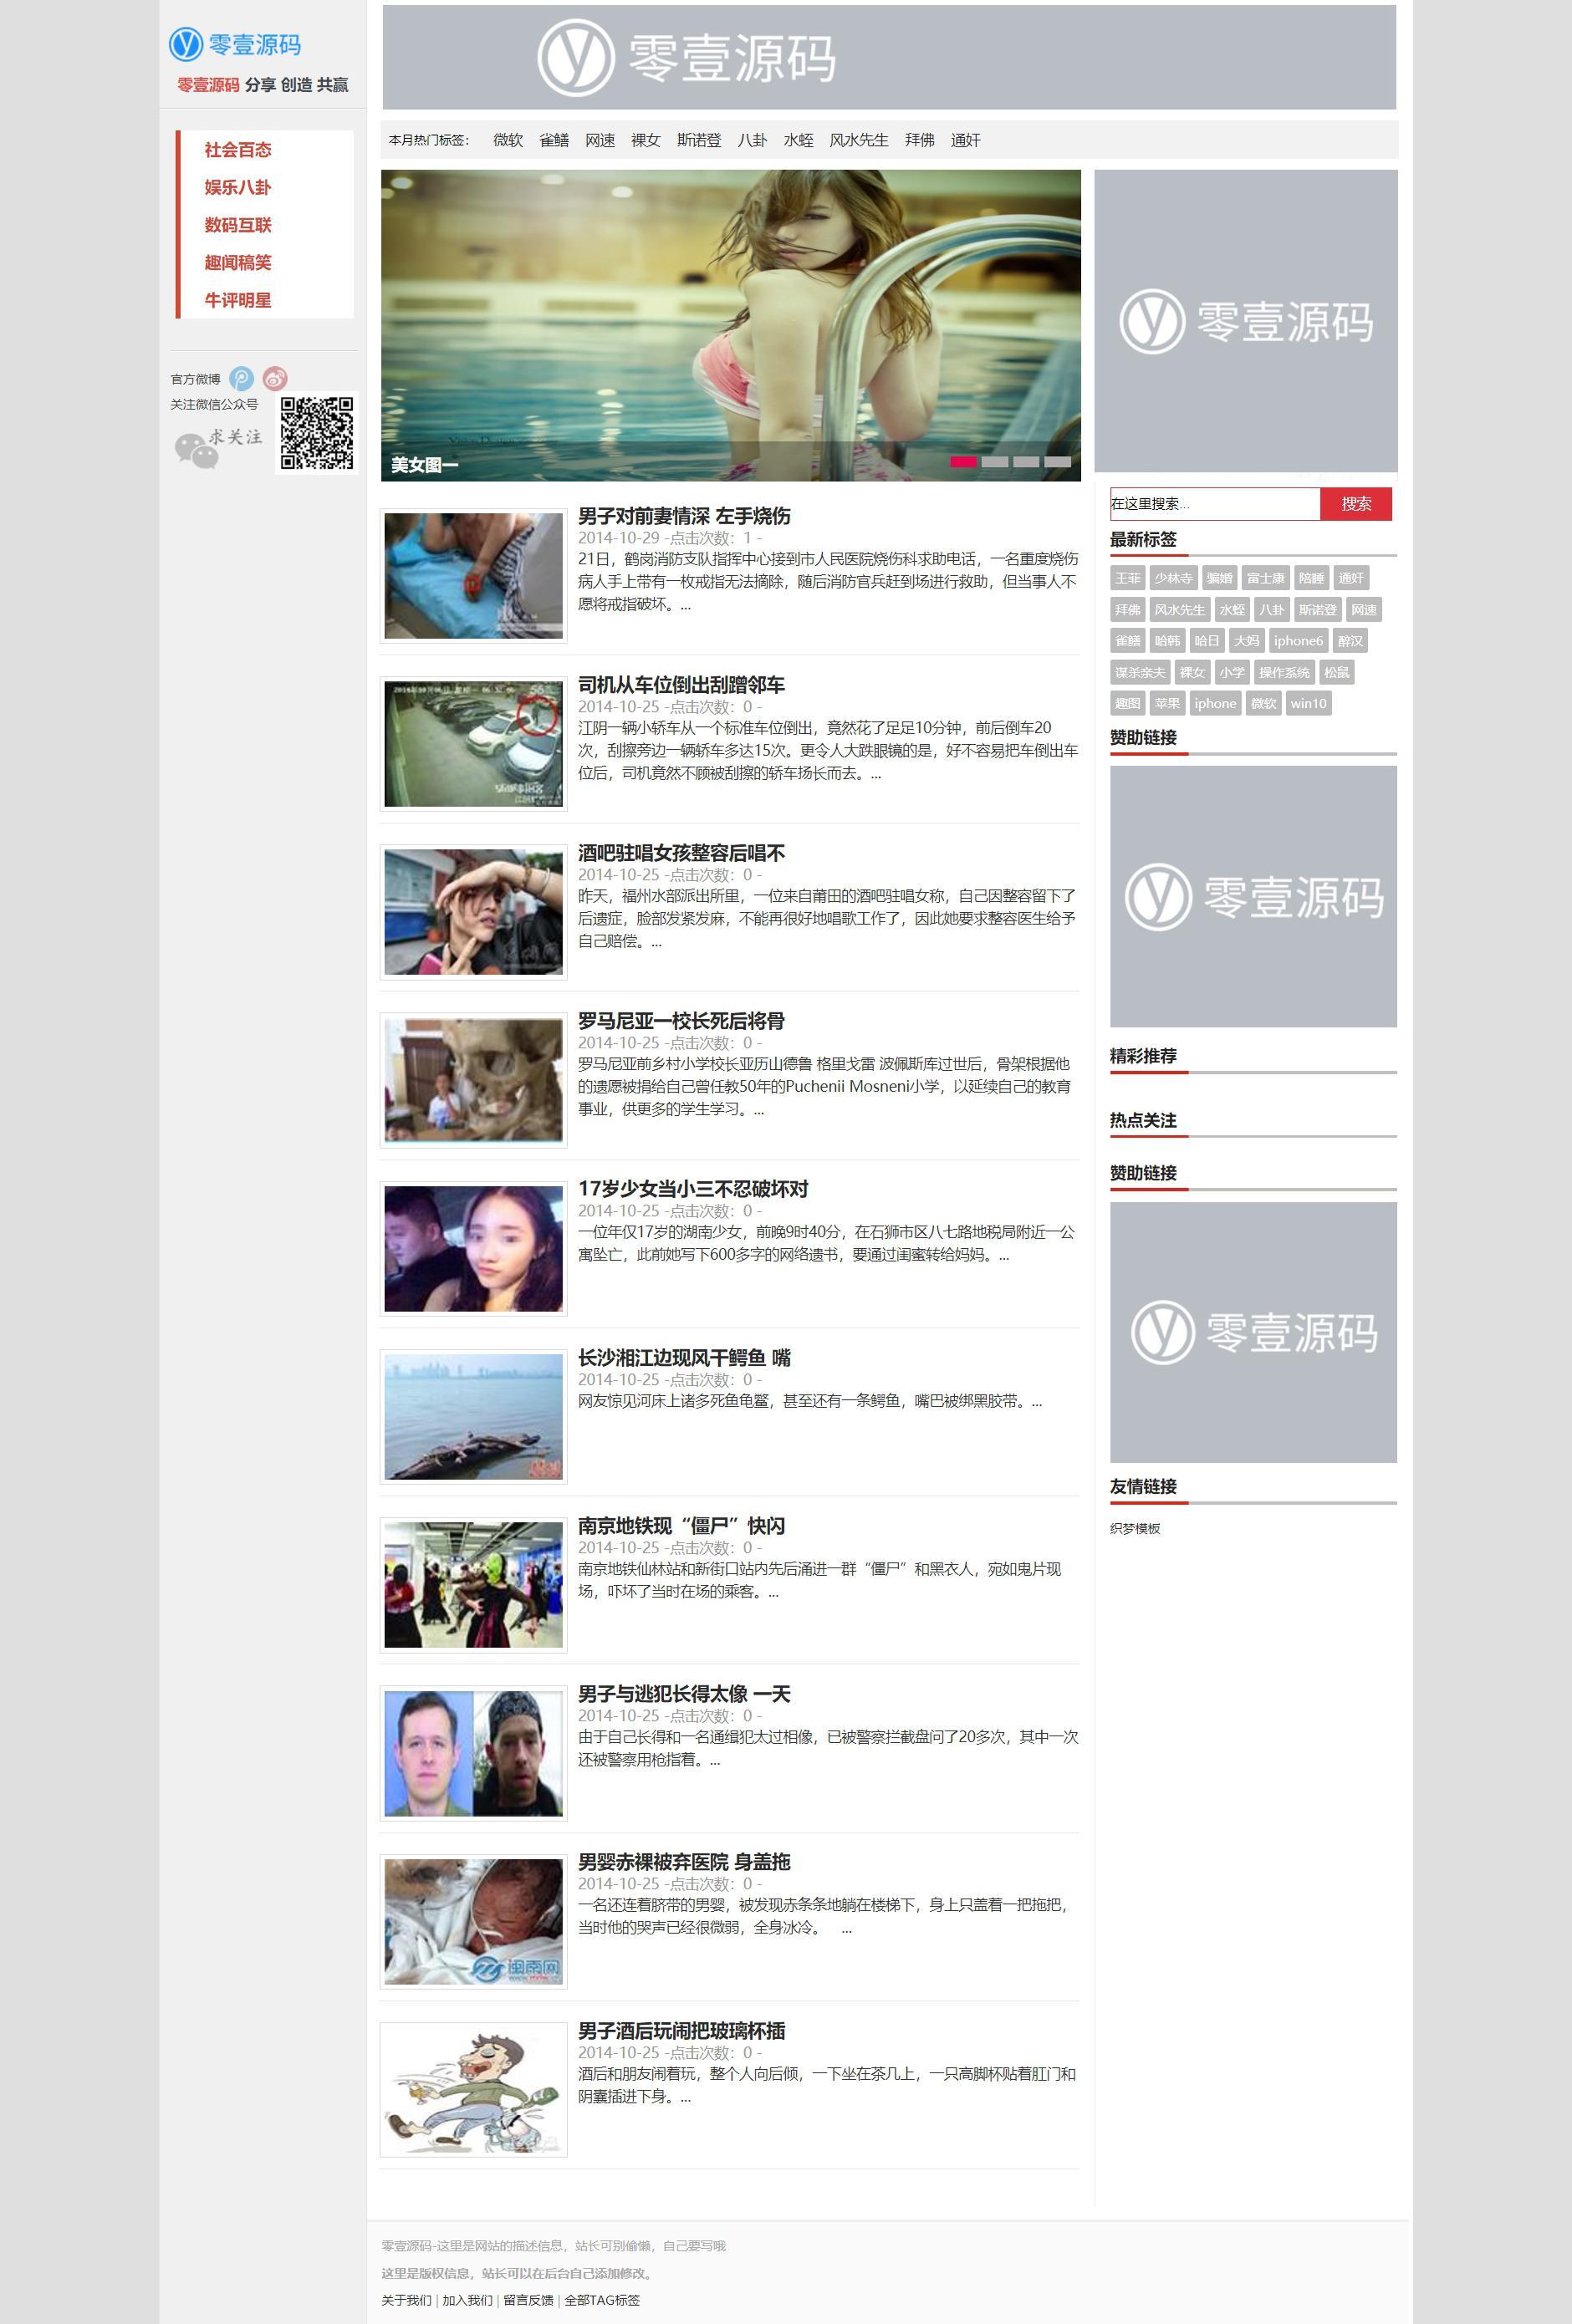 科技资讯织梦dedecms博客模板宽屏带数据